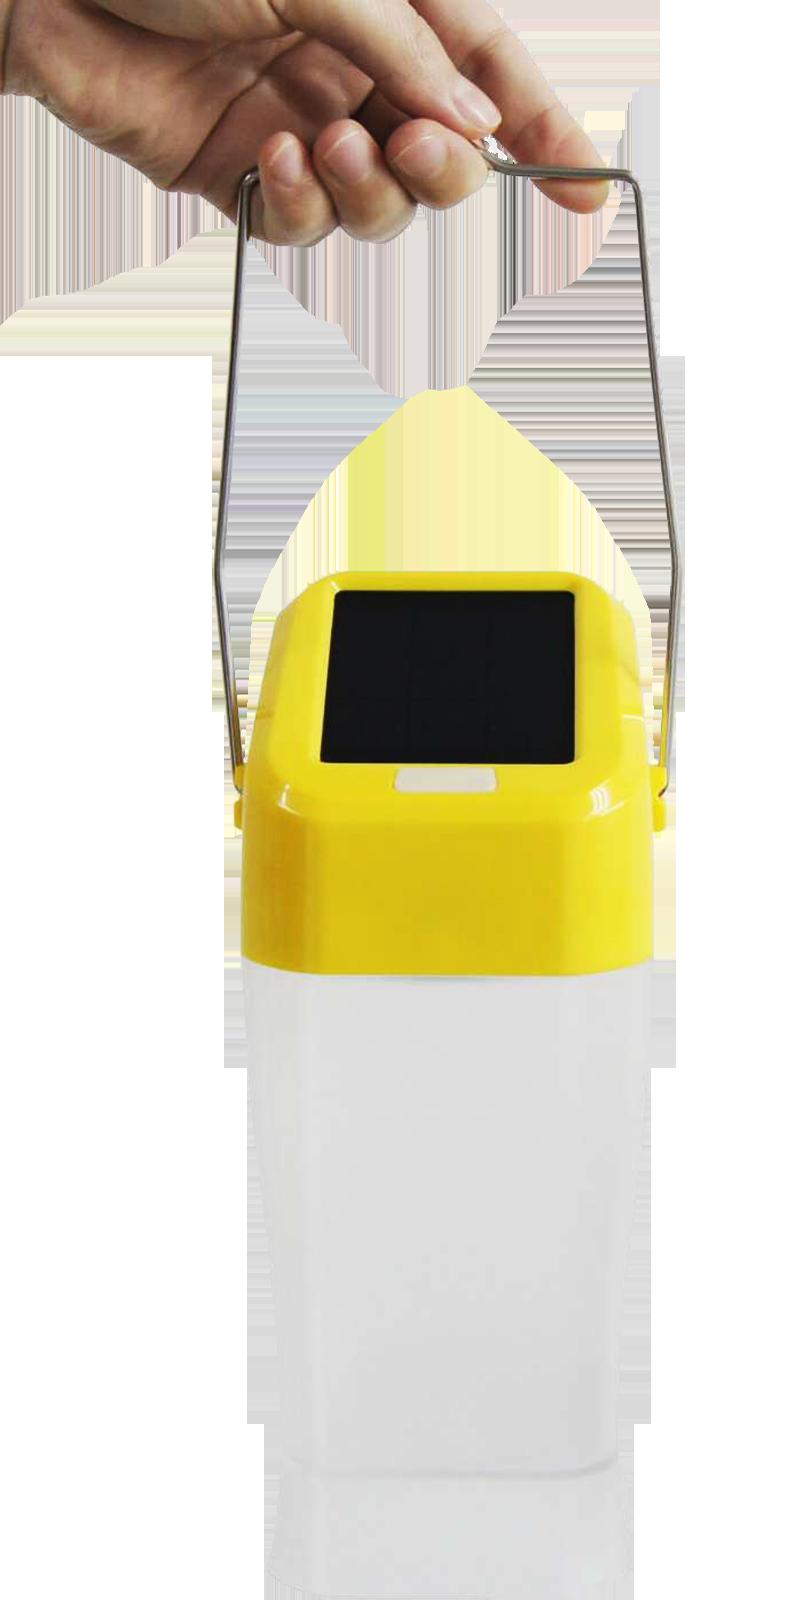 ตะเกียงโซลาร์ รุ่น Solarlamp